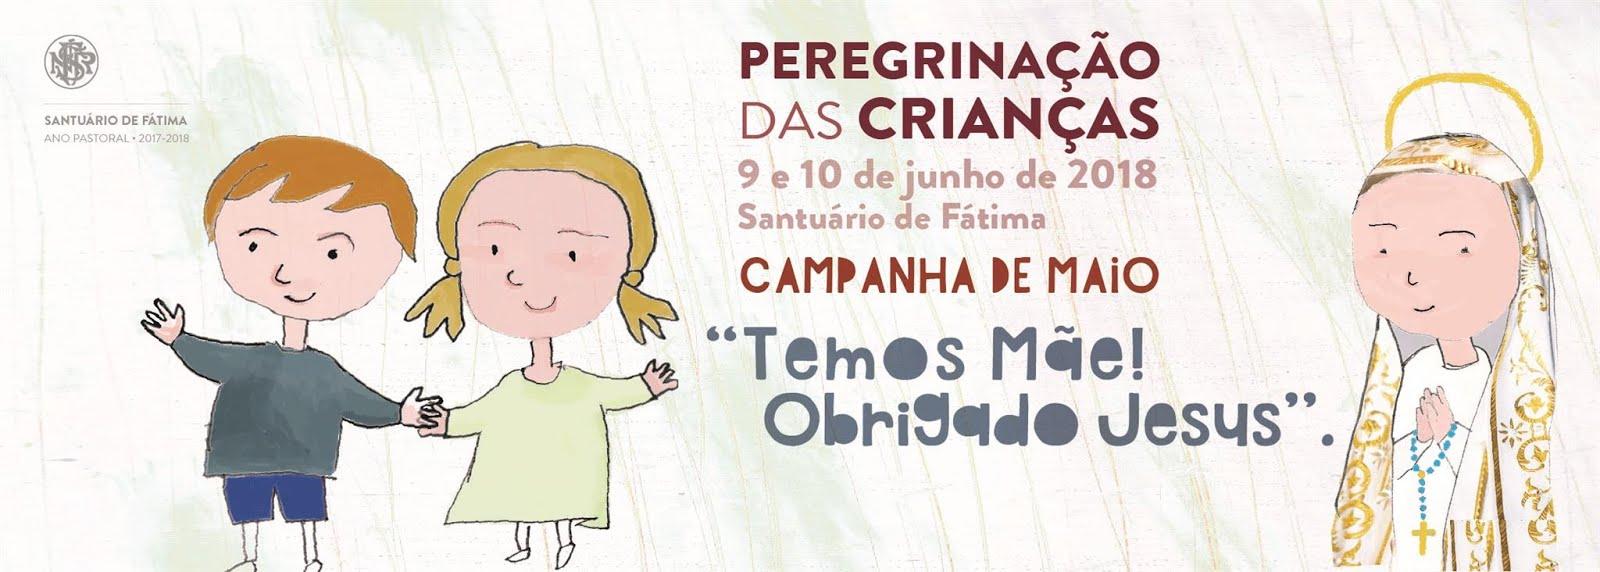 Peregrinação Nacional das Crianças a Fátima